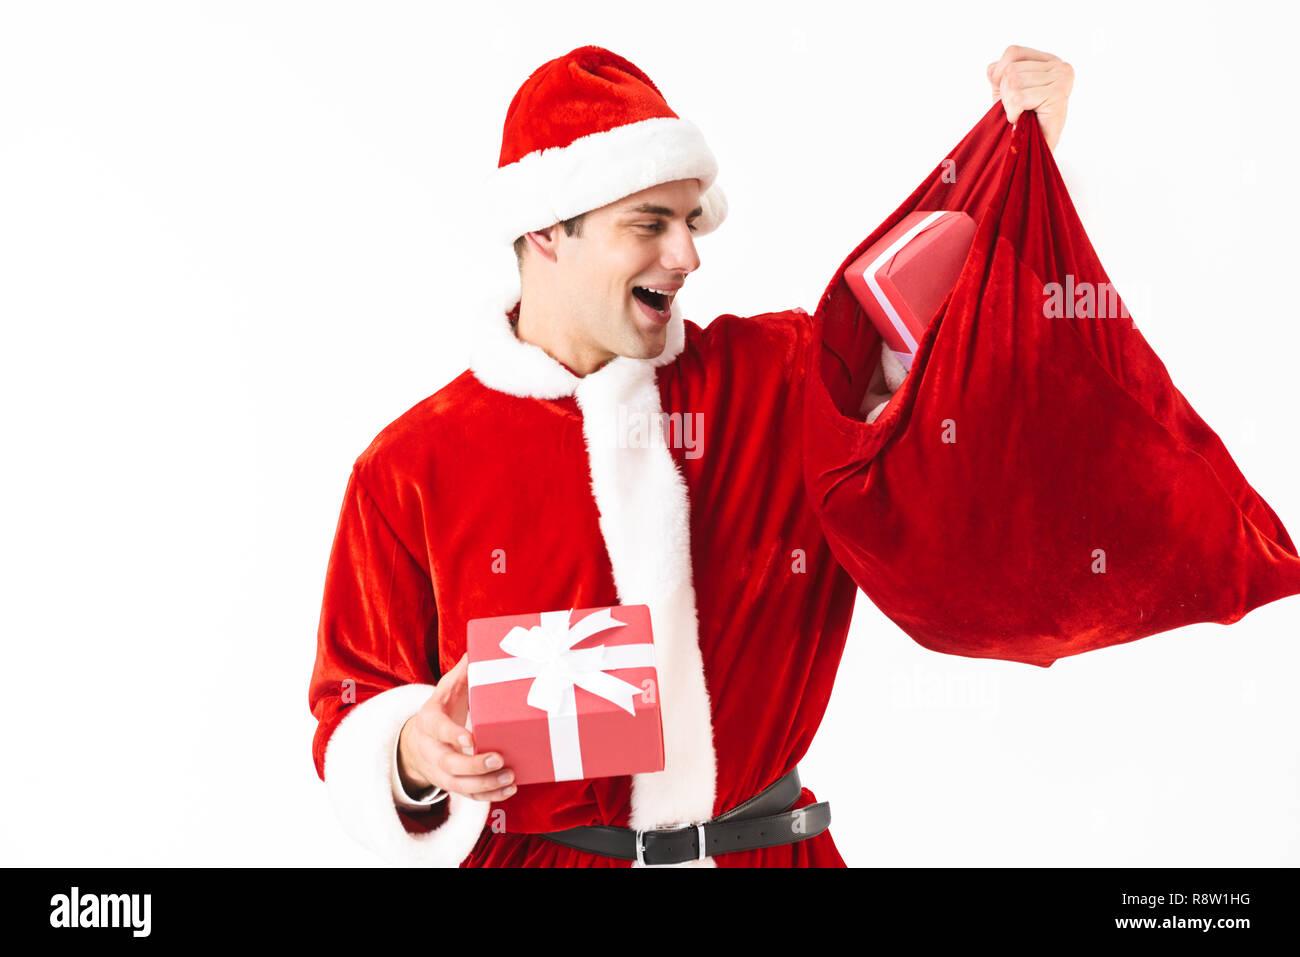 Portrait d'homme généreux 30s en costume de Père Noël et red hat holding sac Cadeaux de fête avec isolé sur fond blanc en studio Photo Stock